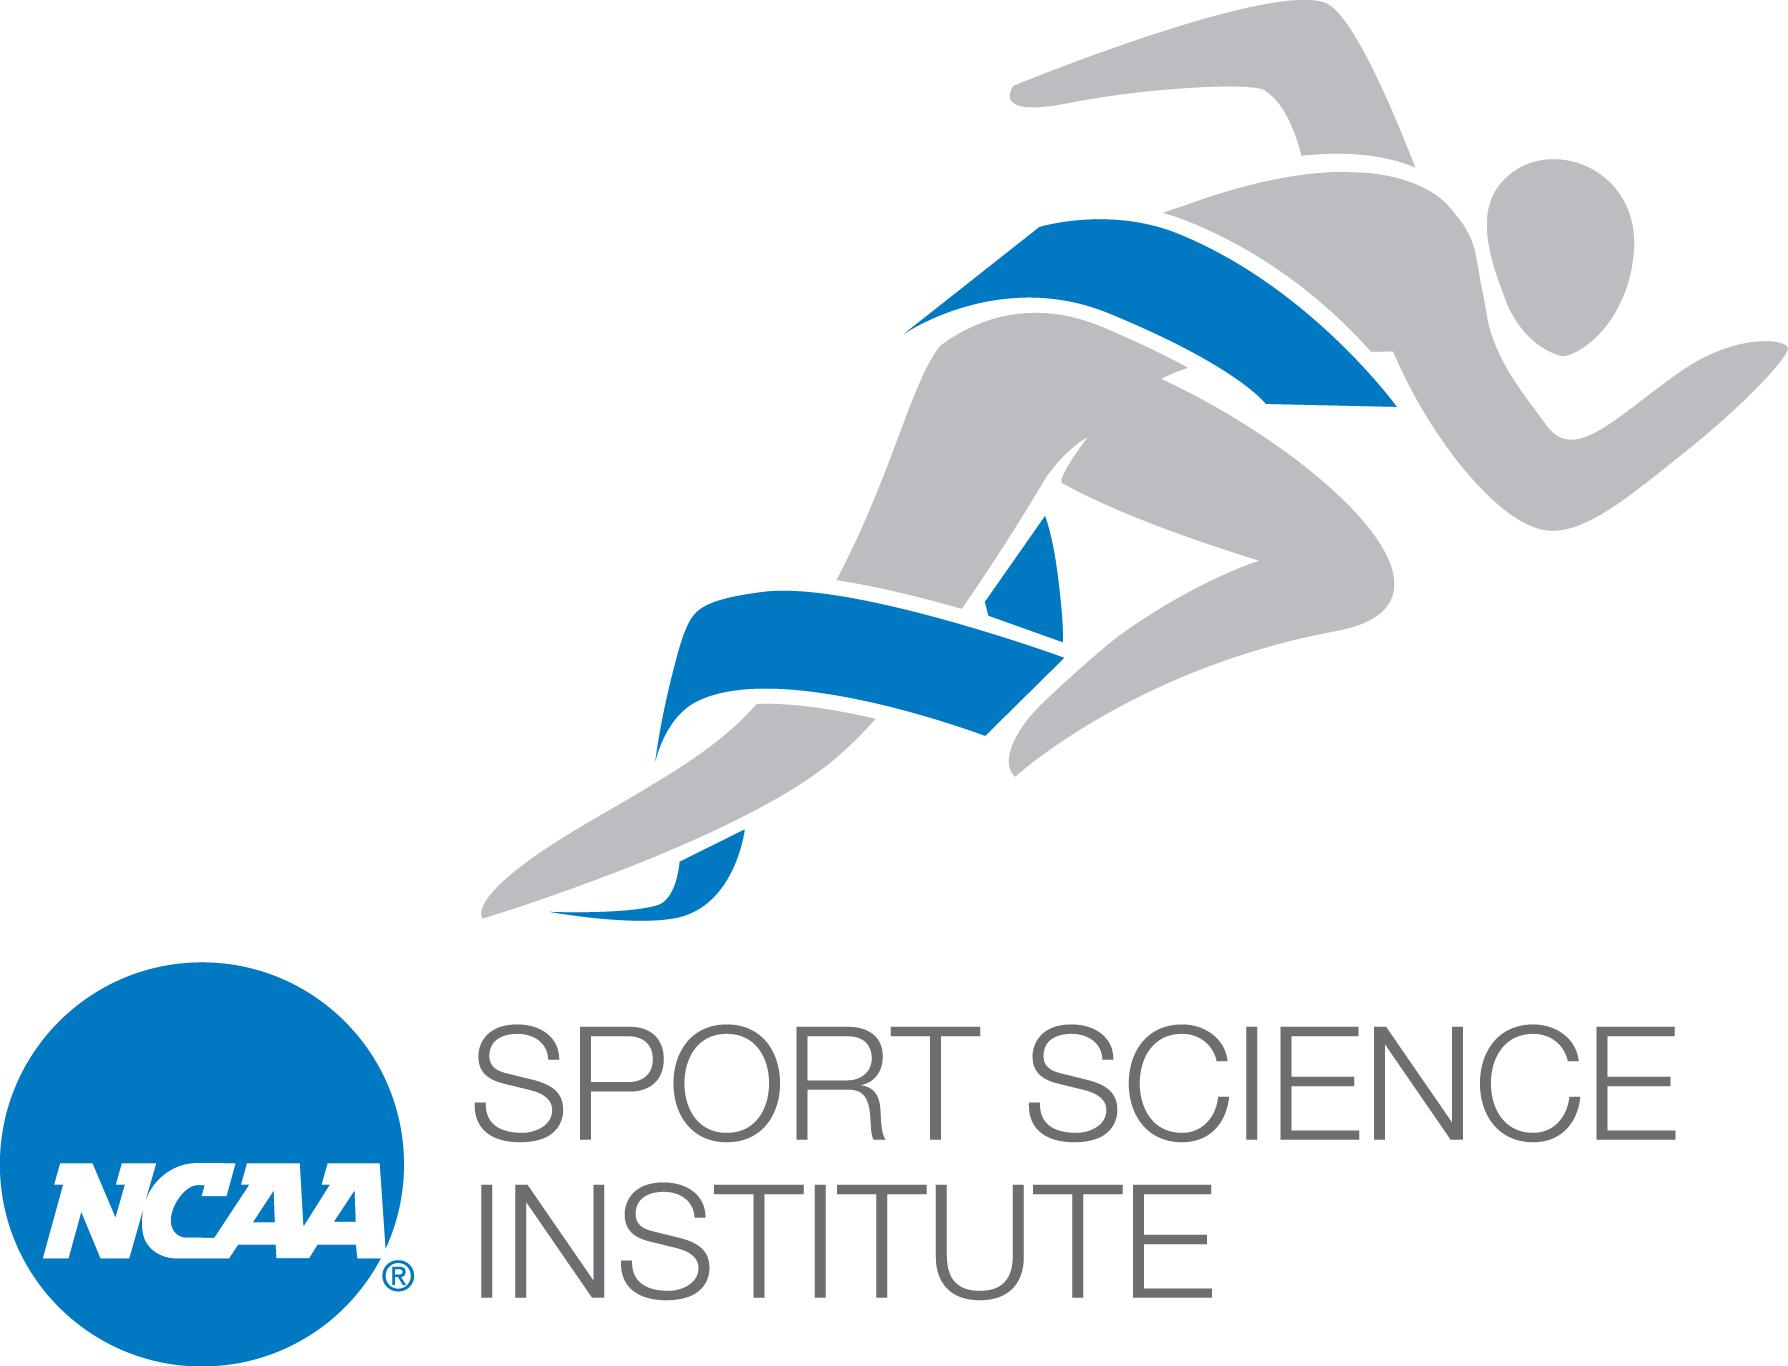 SportScienceInst_LogoColorVert